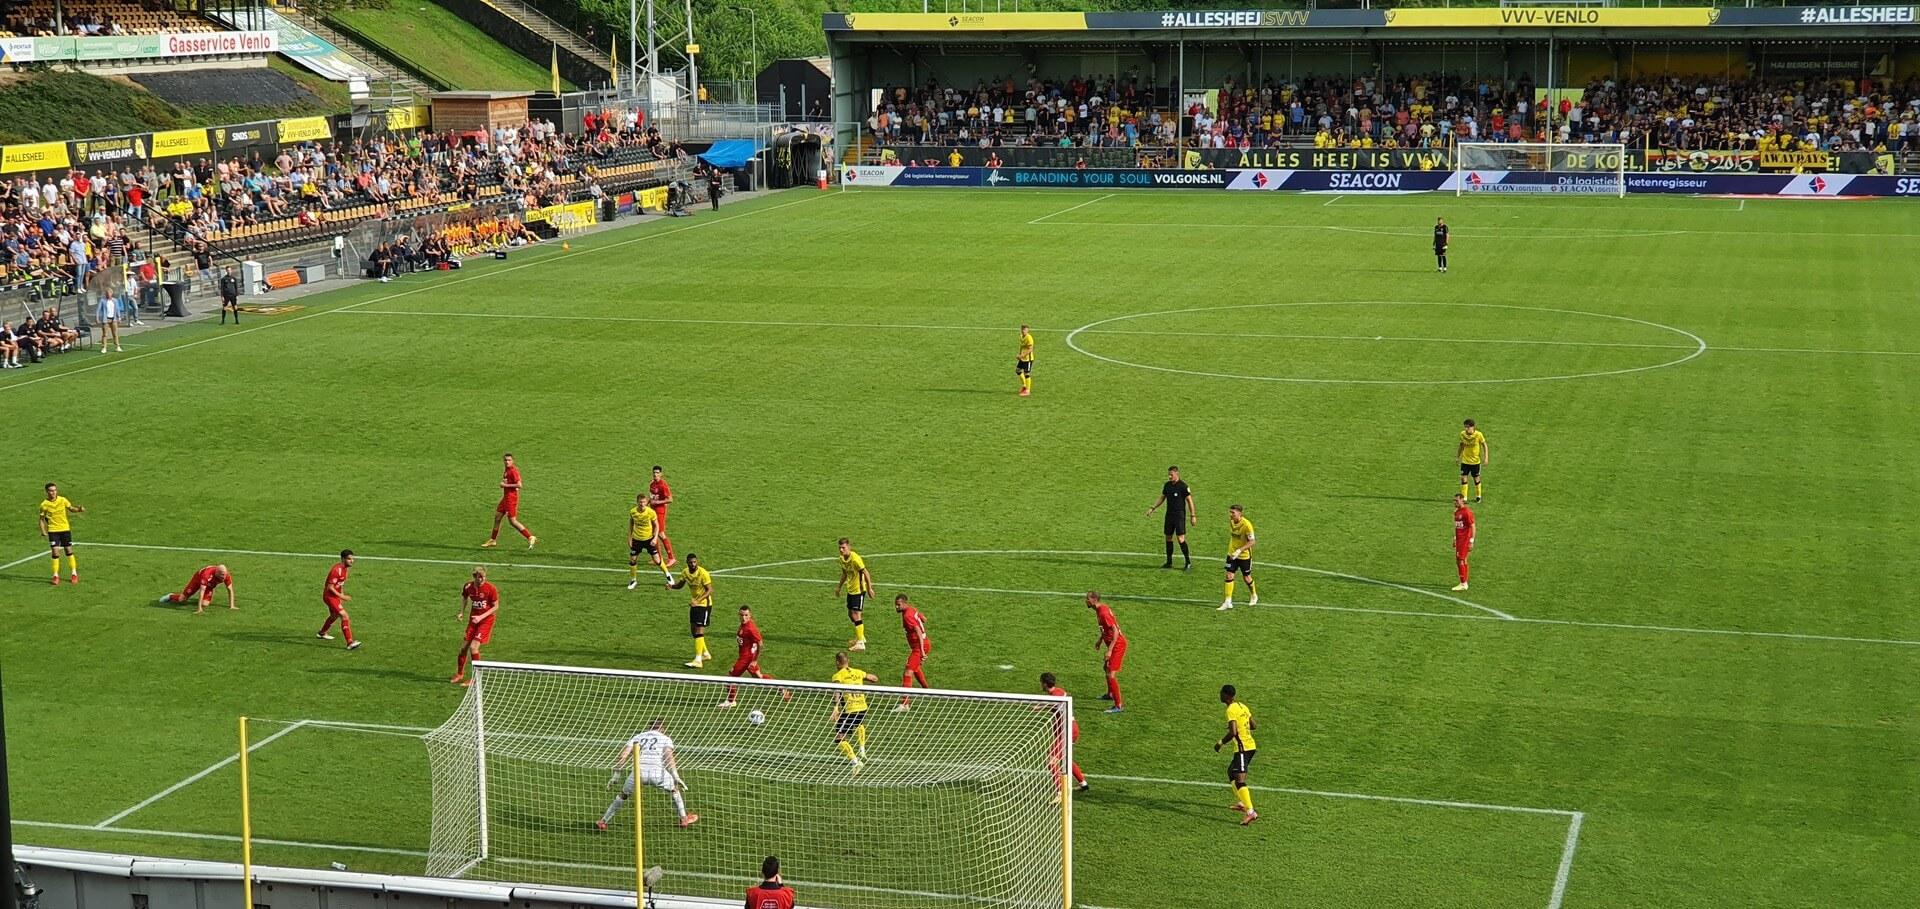 Goede eerste helft niet genoeg voor punten in Venlo